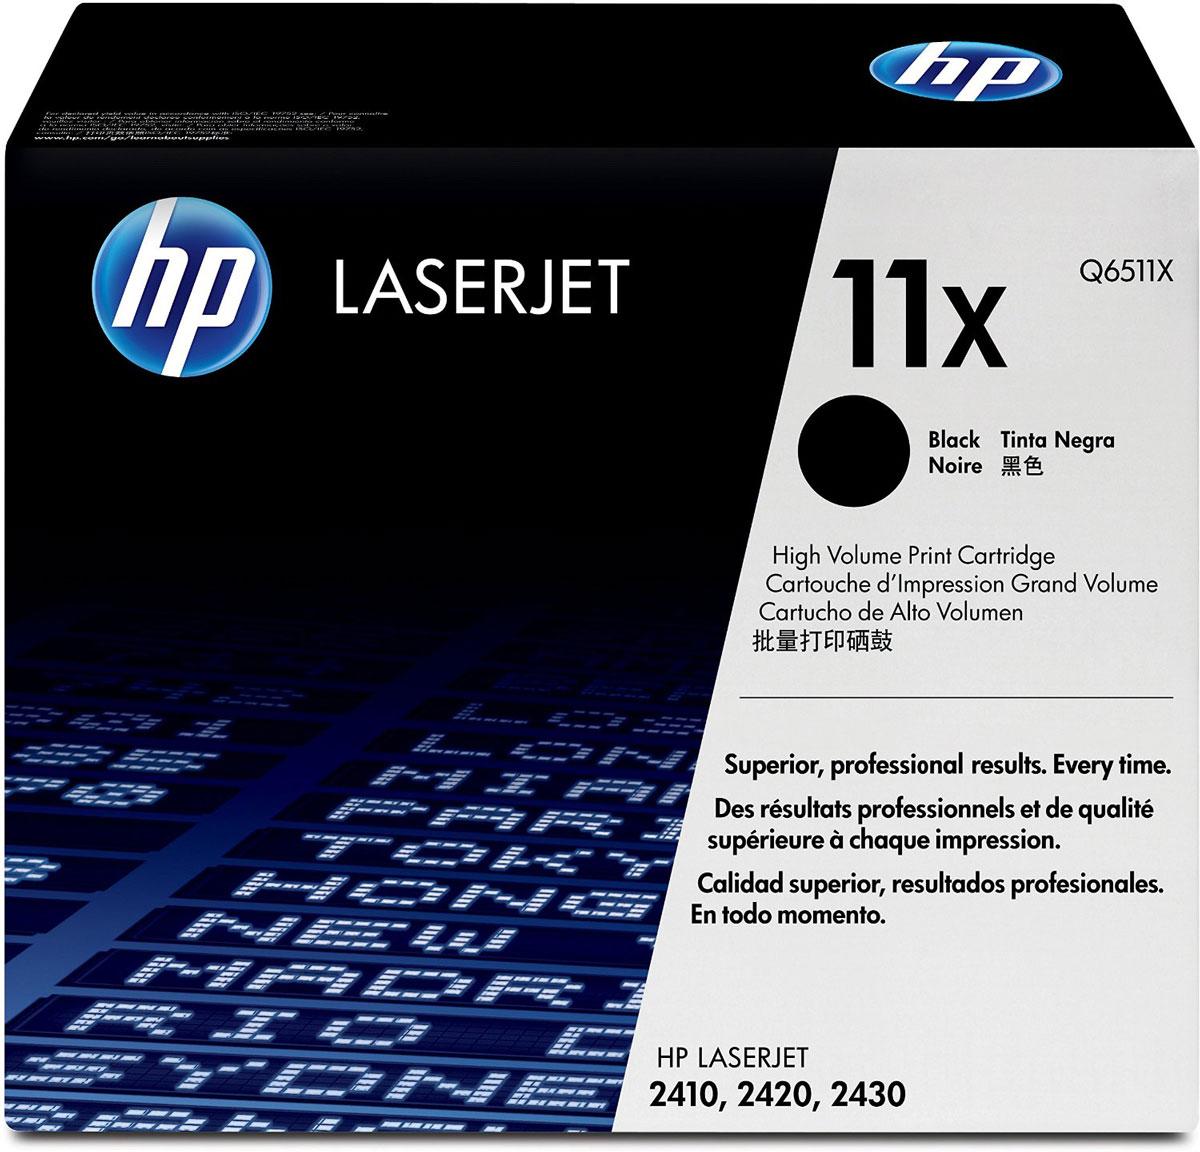 HP Q6511X (11X), Black тонер-картридж для LaserJet 2410/2420/2430 недорогое